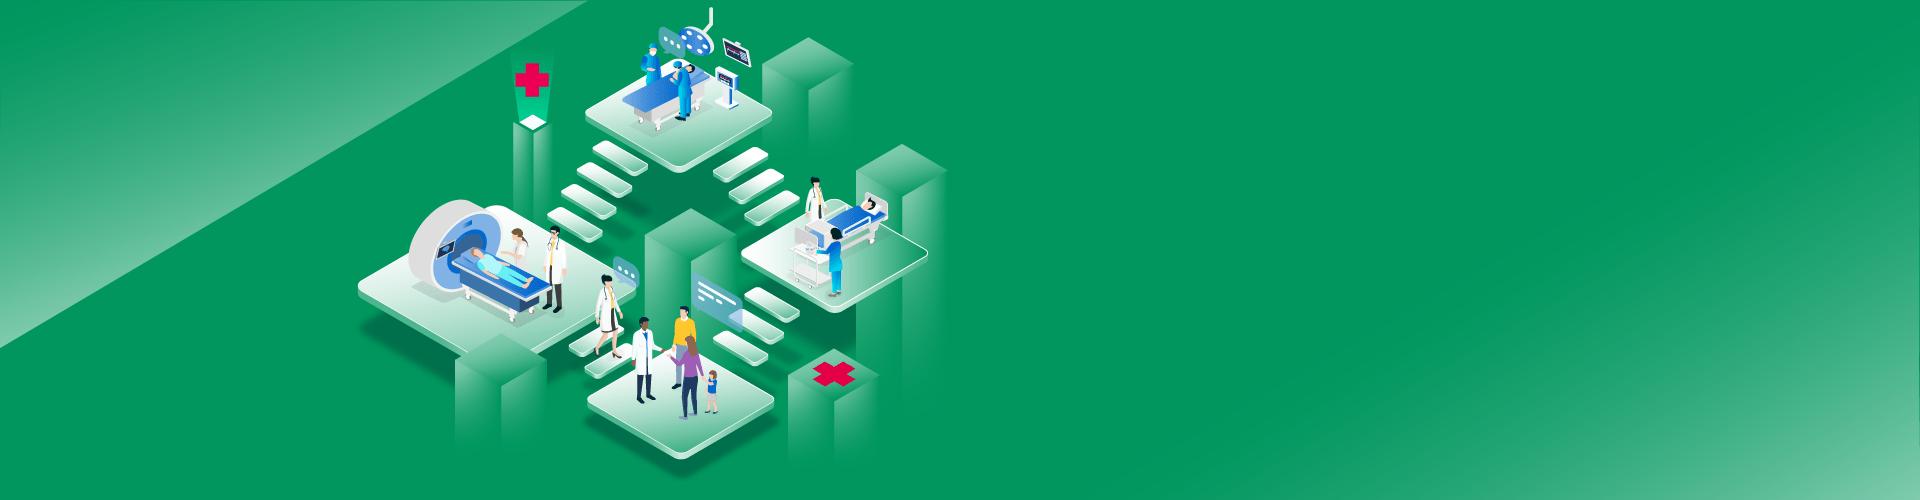 Cancer patient care journey